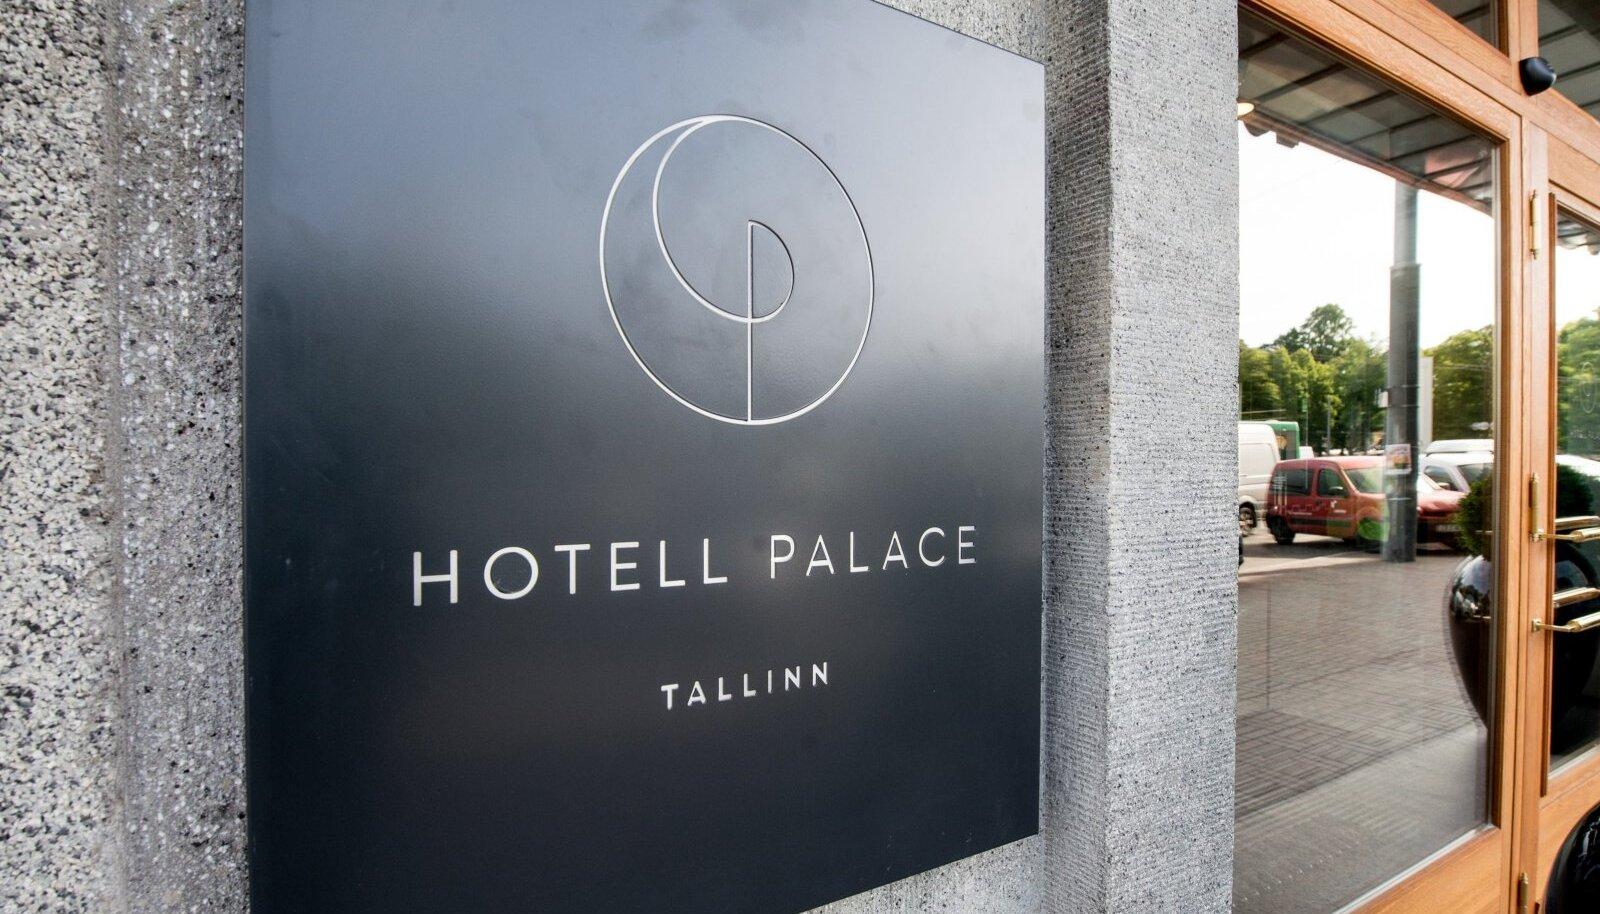 Hotell Palace Tallinnas